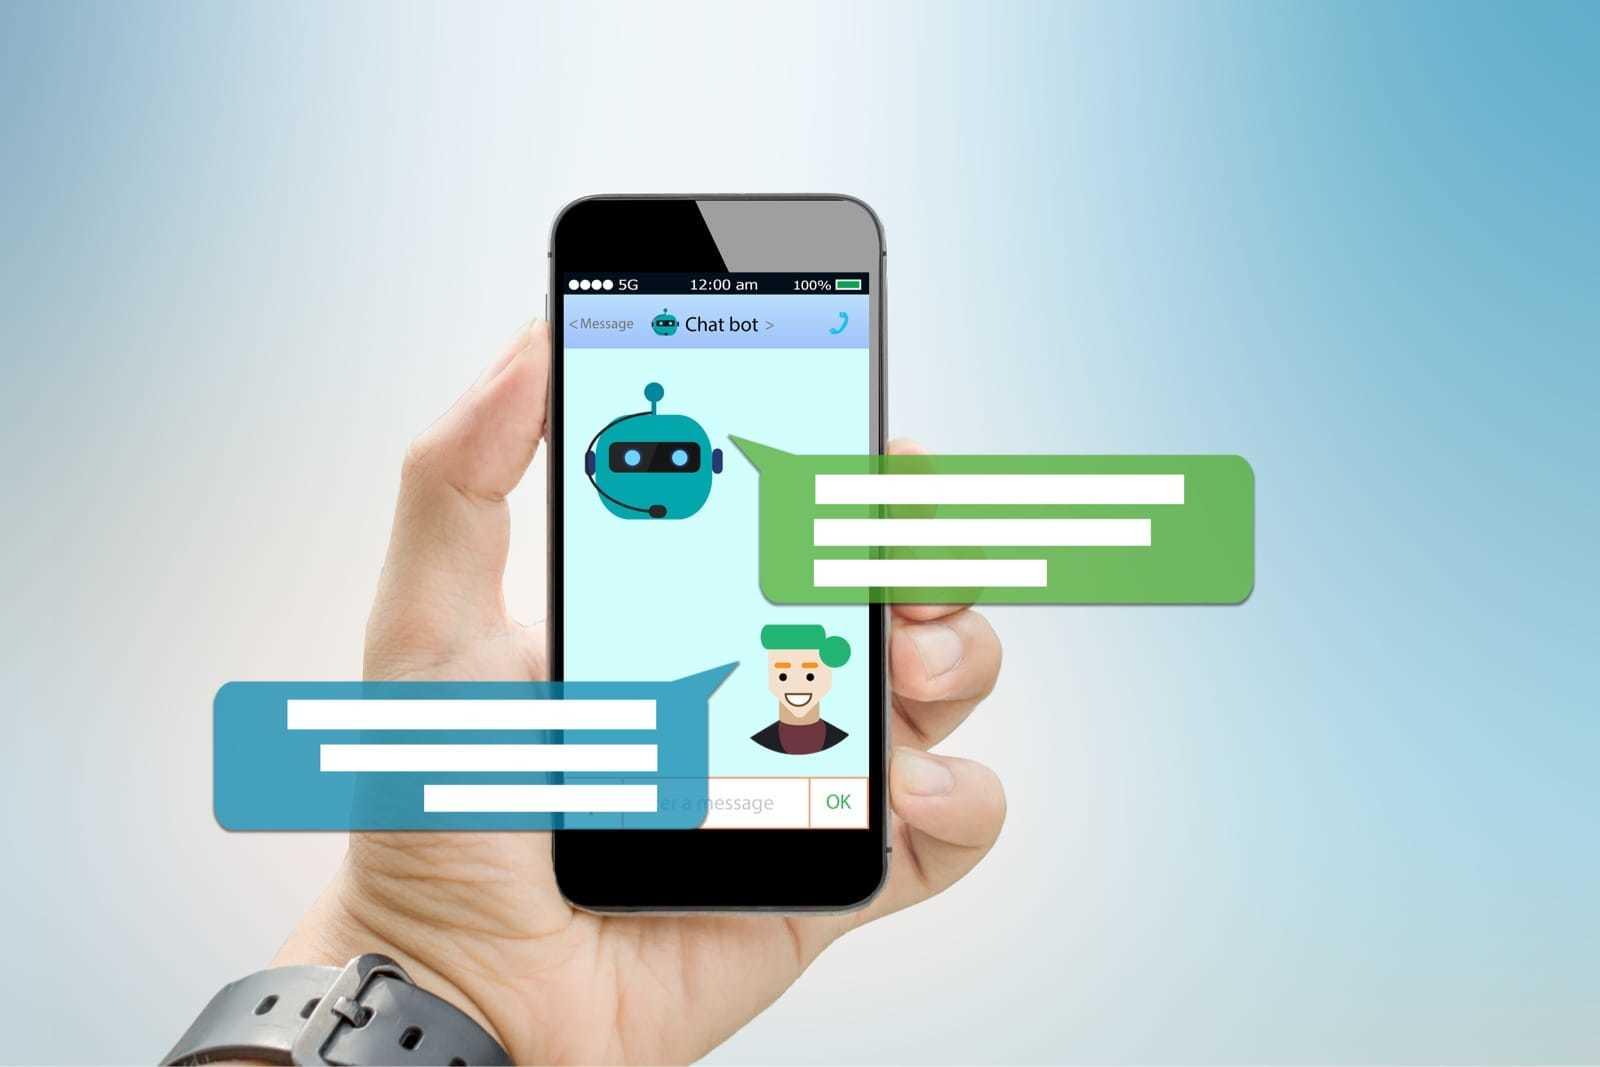 スマートフォンでチャットボットと会話する様子